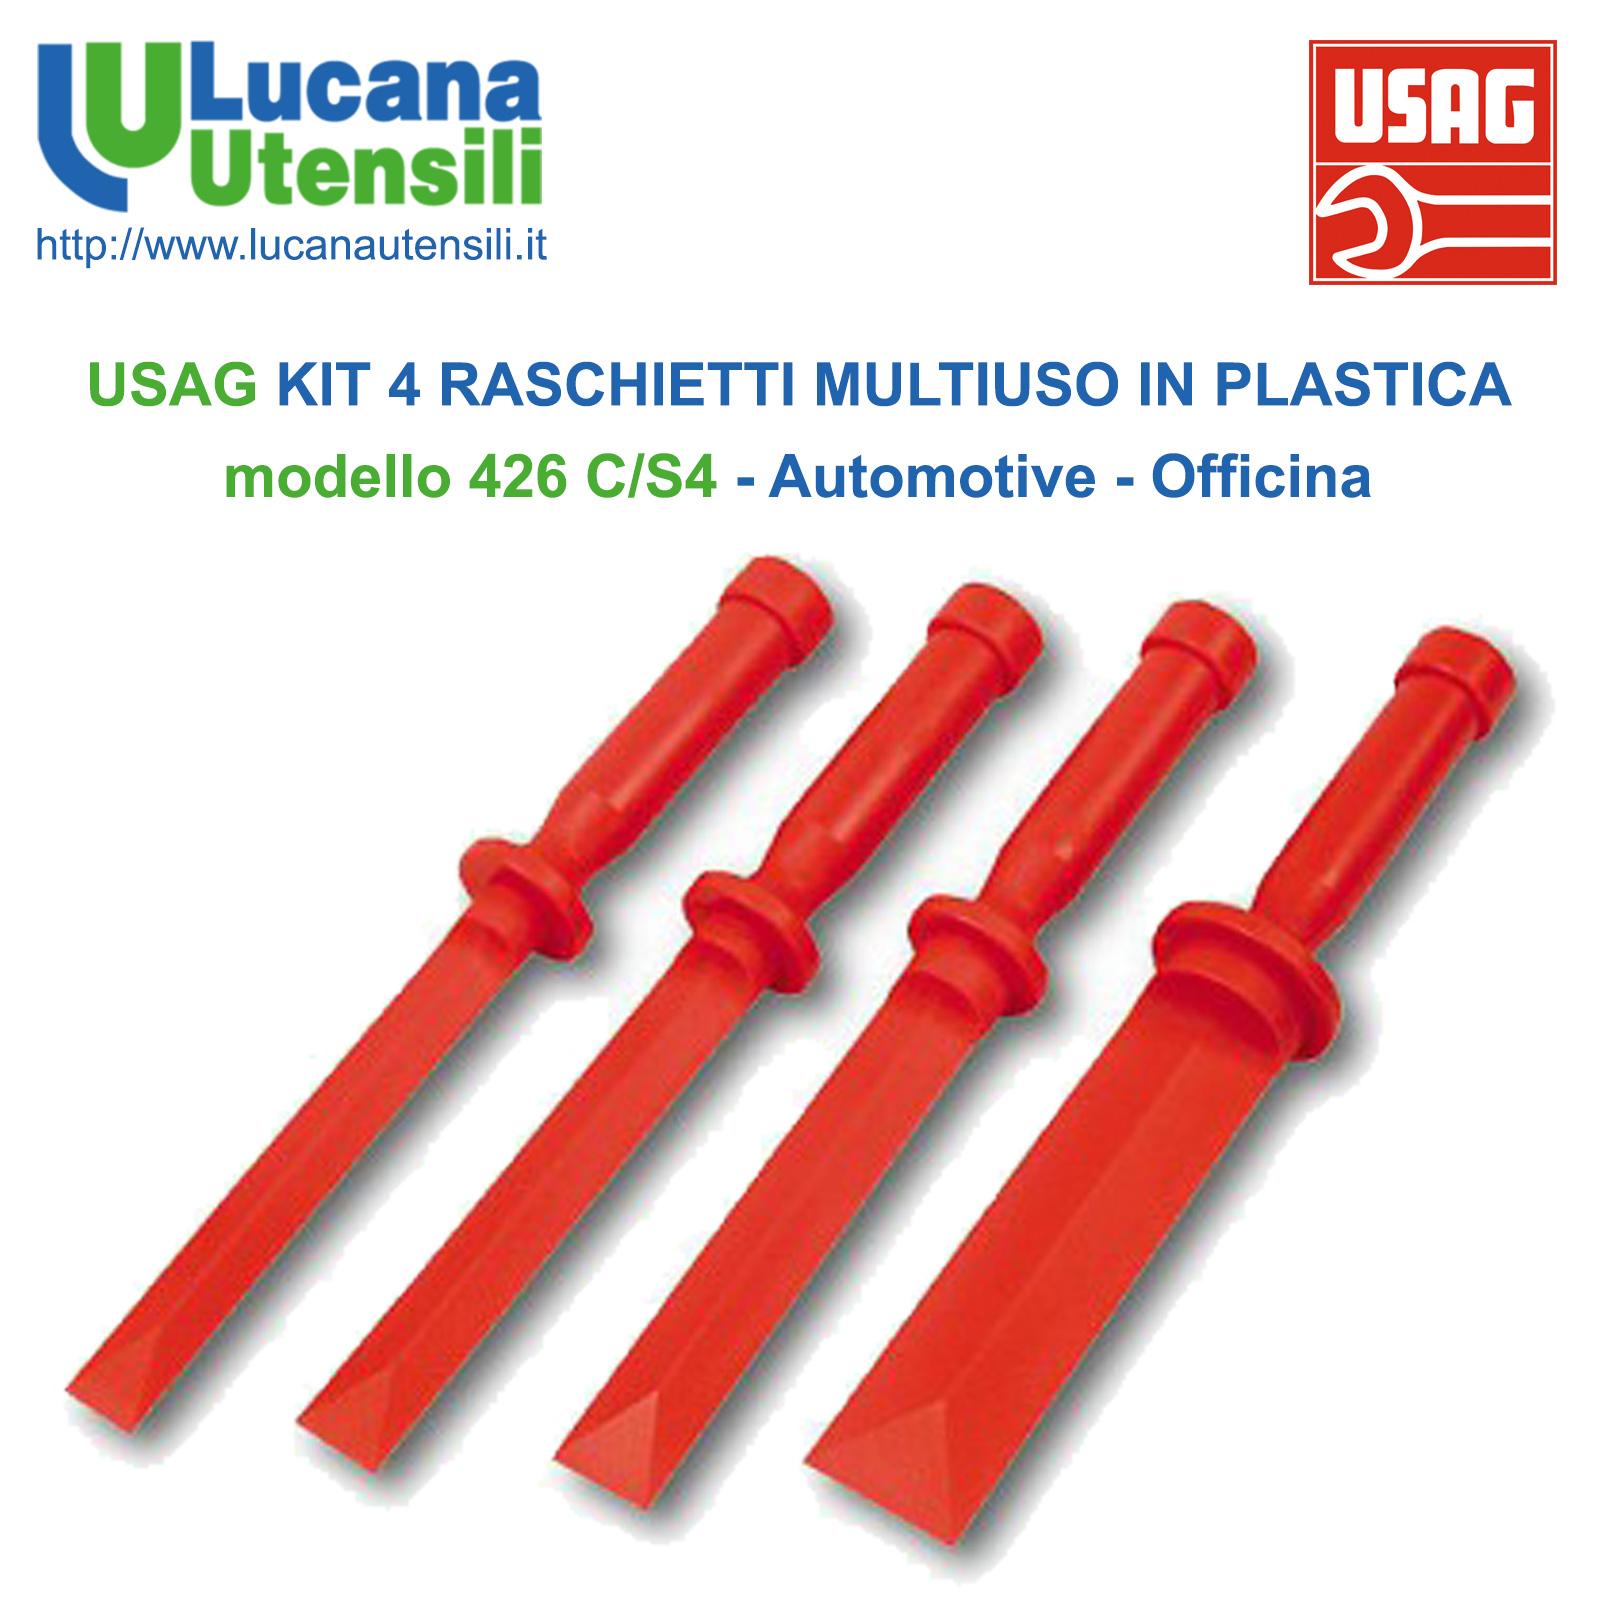 USAG KIT 4 RASCHIETTI MULTIUSO IN PLASTICA modello 426 C//S4 Automotive Officina